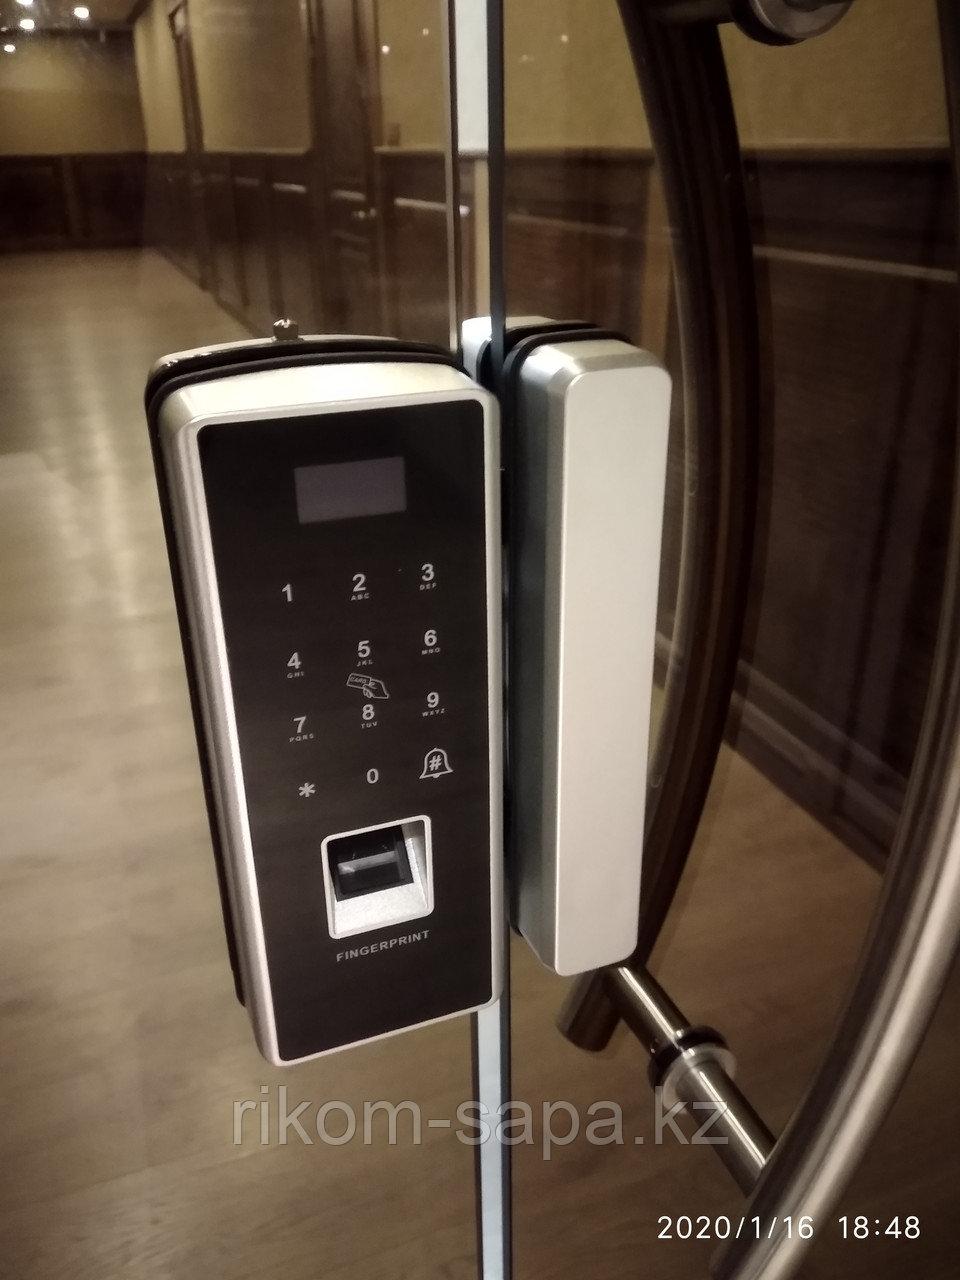 Электронный замок на стеклянную дверь